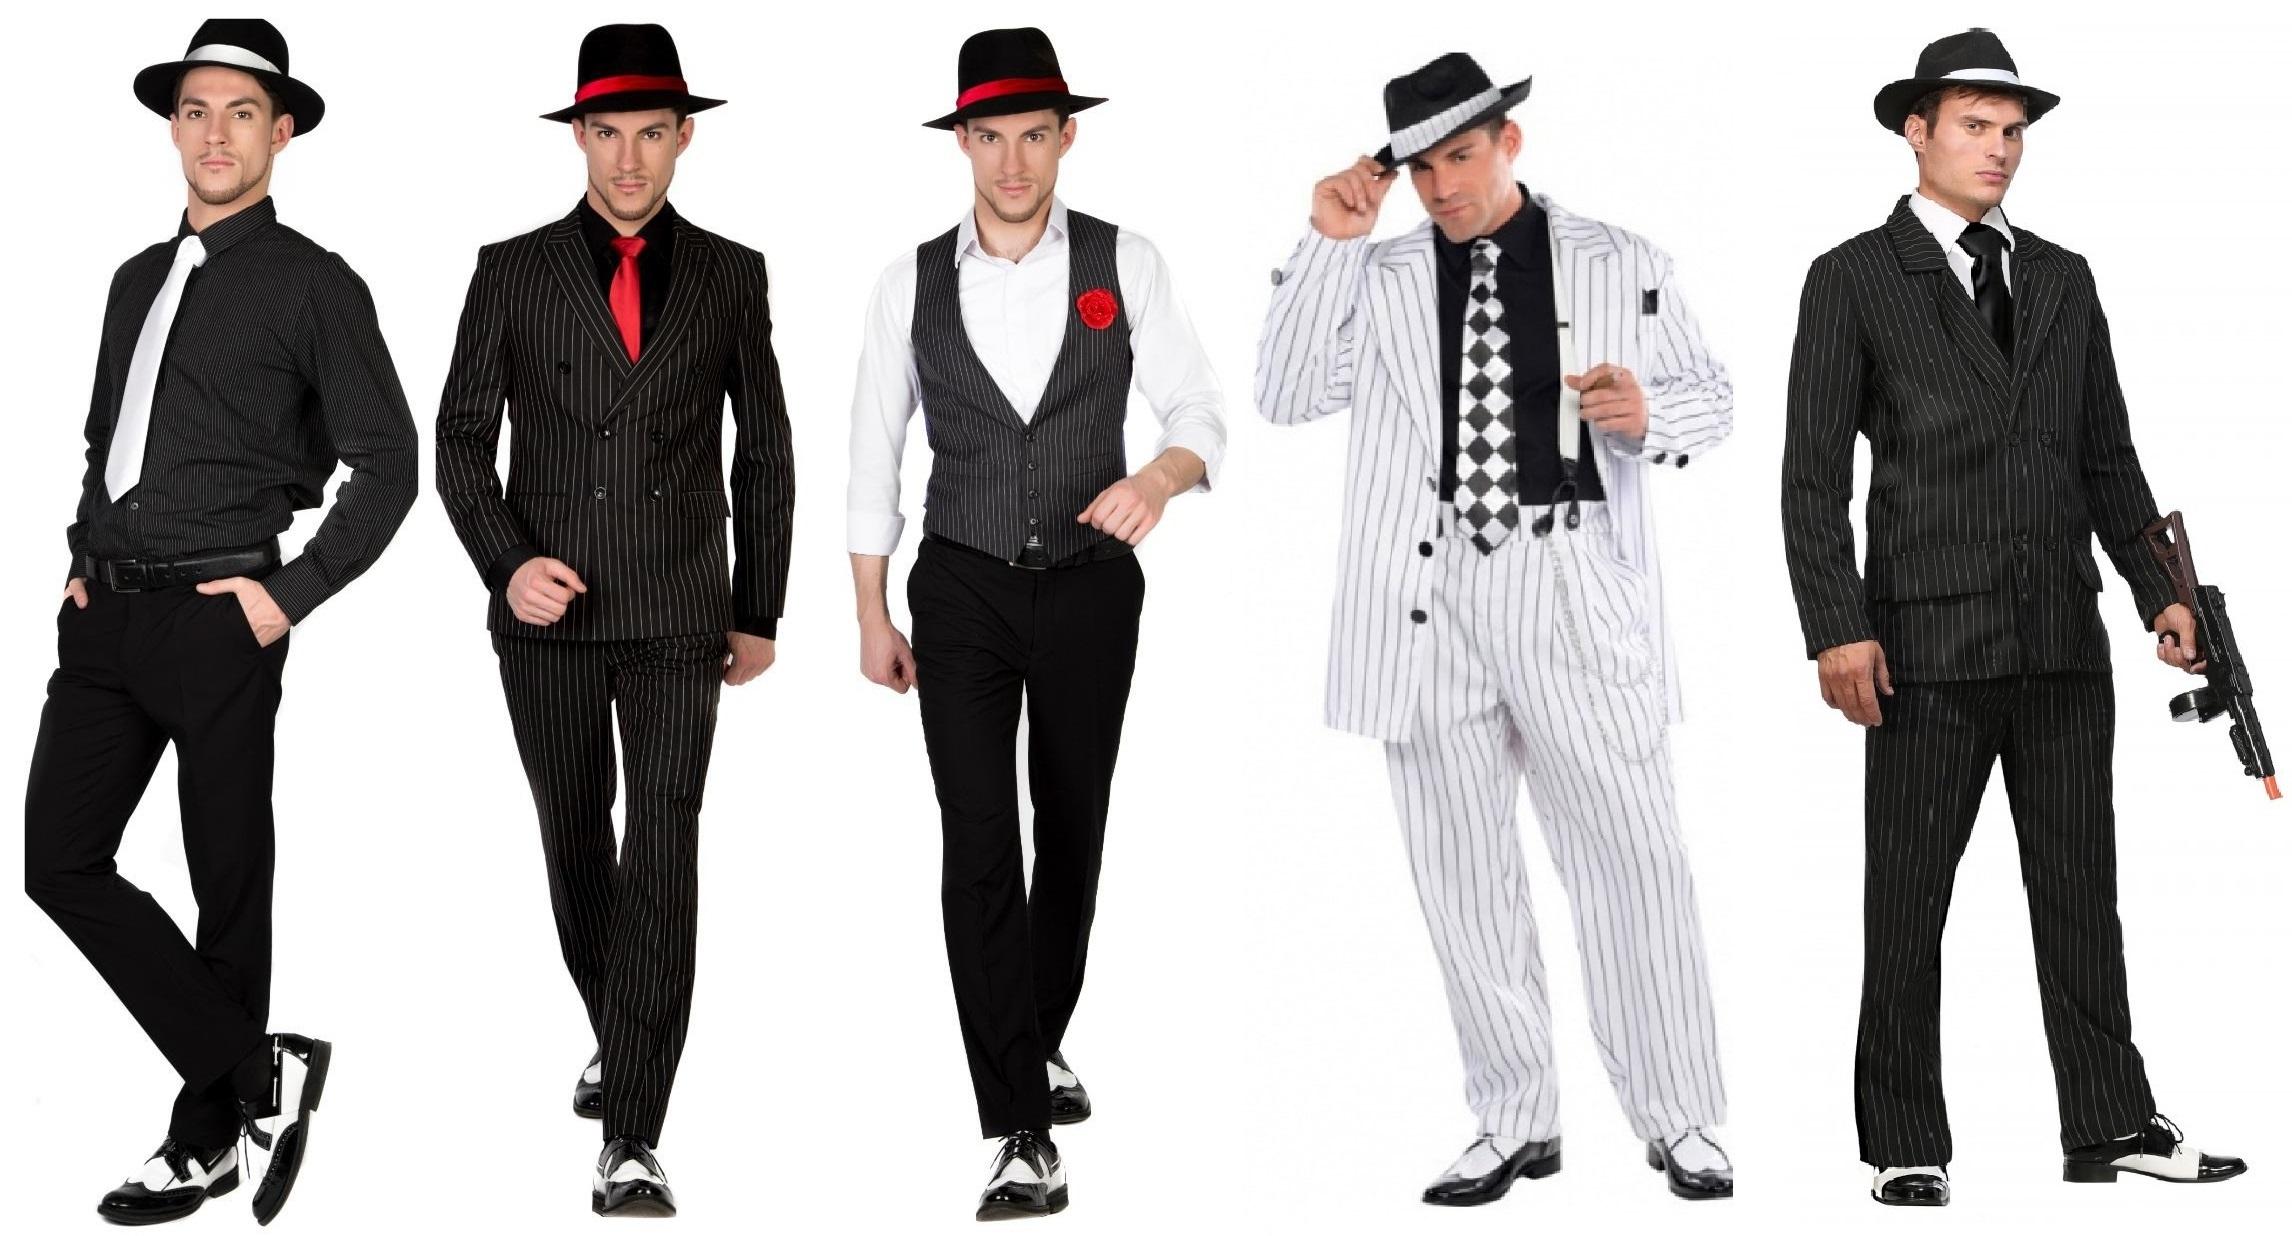 образ гангстера 20-х в современных костюмах